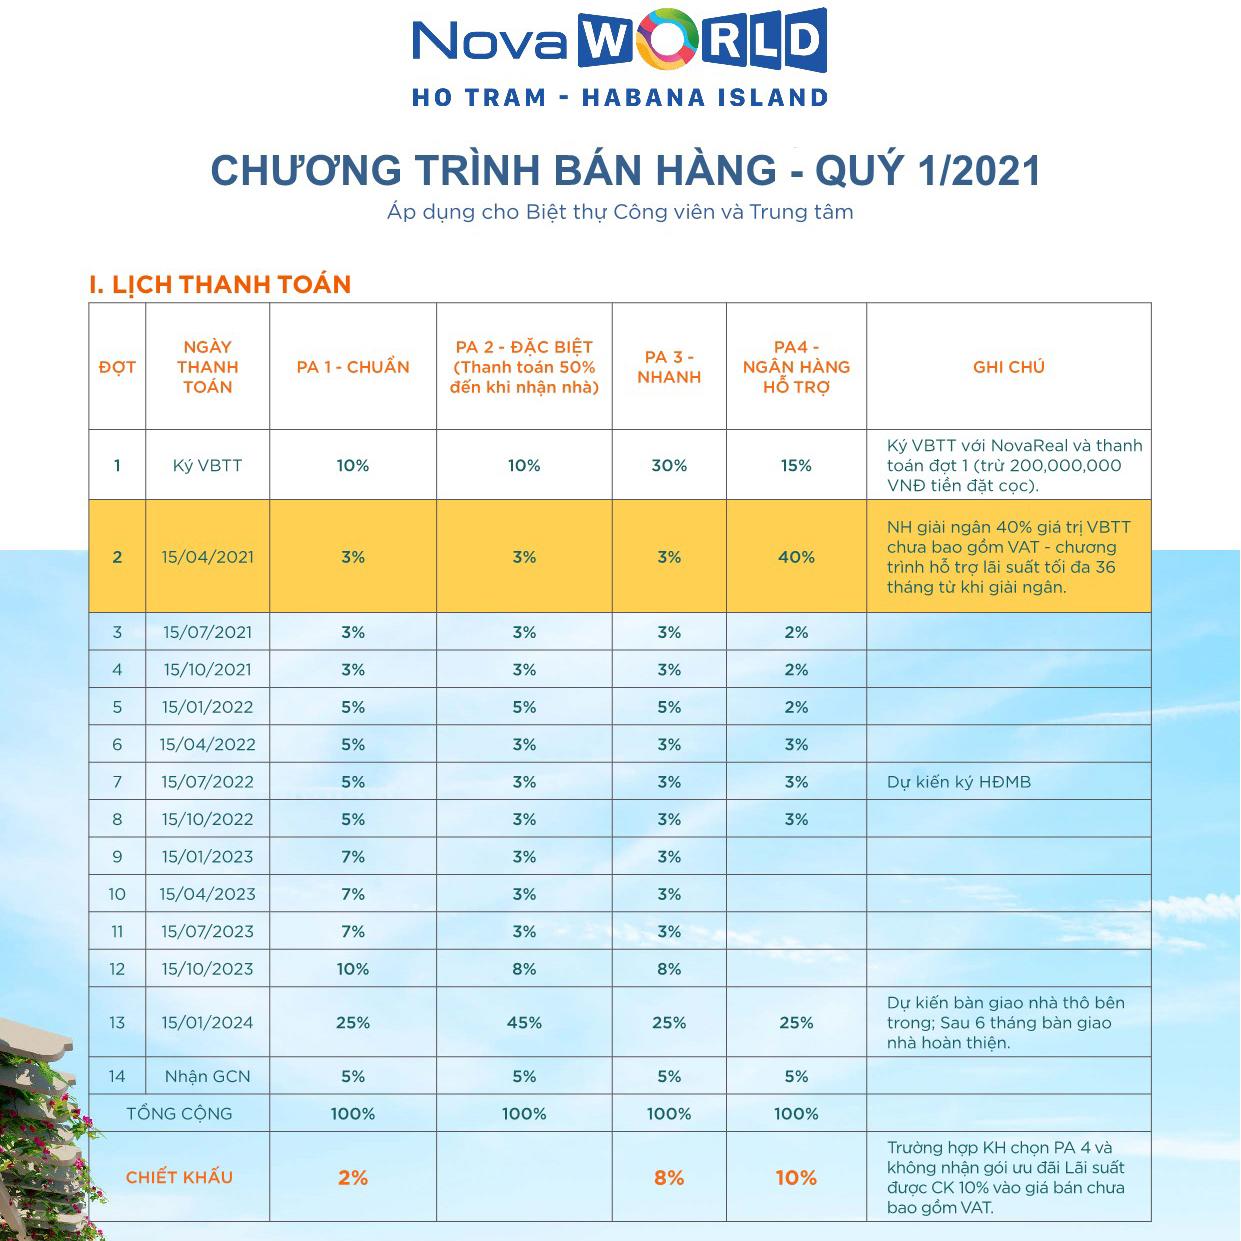 Chương trình bán hàng dự án Novaworld Hồ Tràm